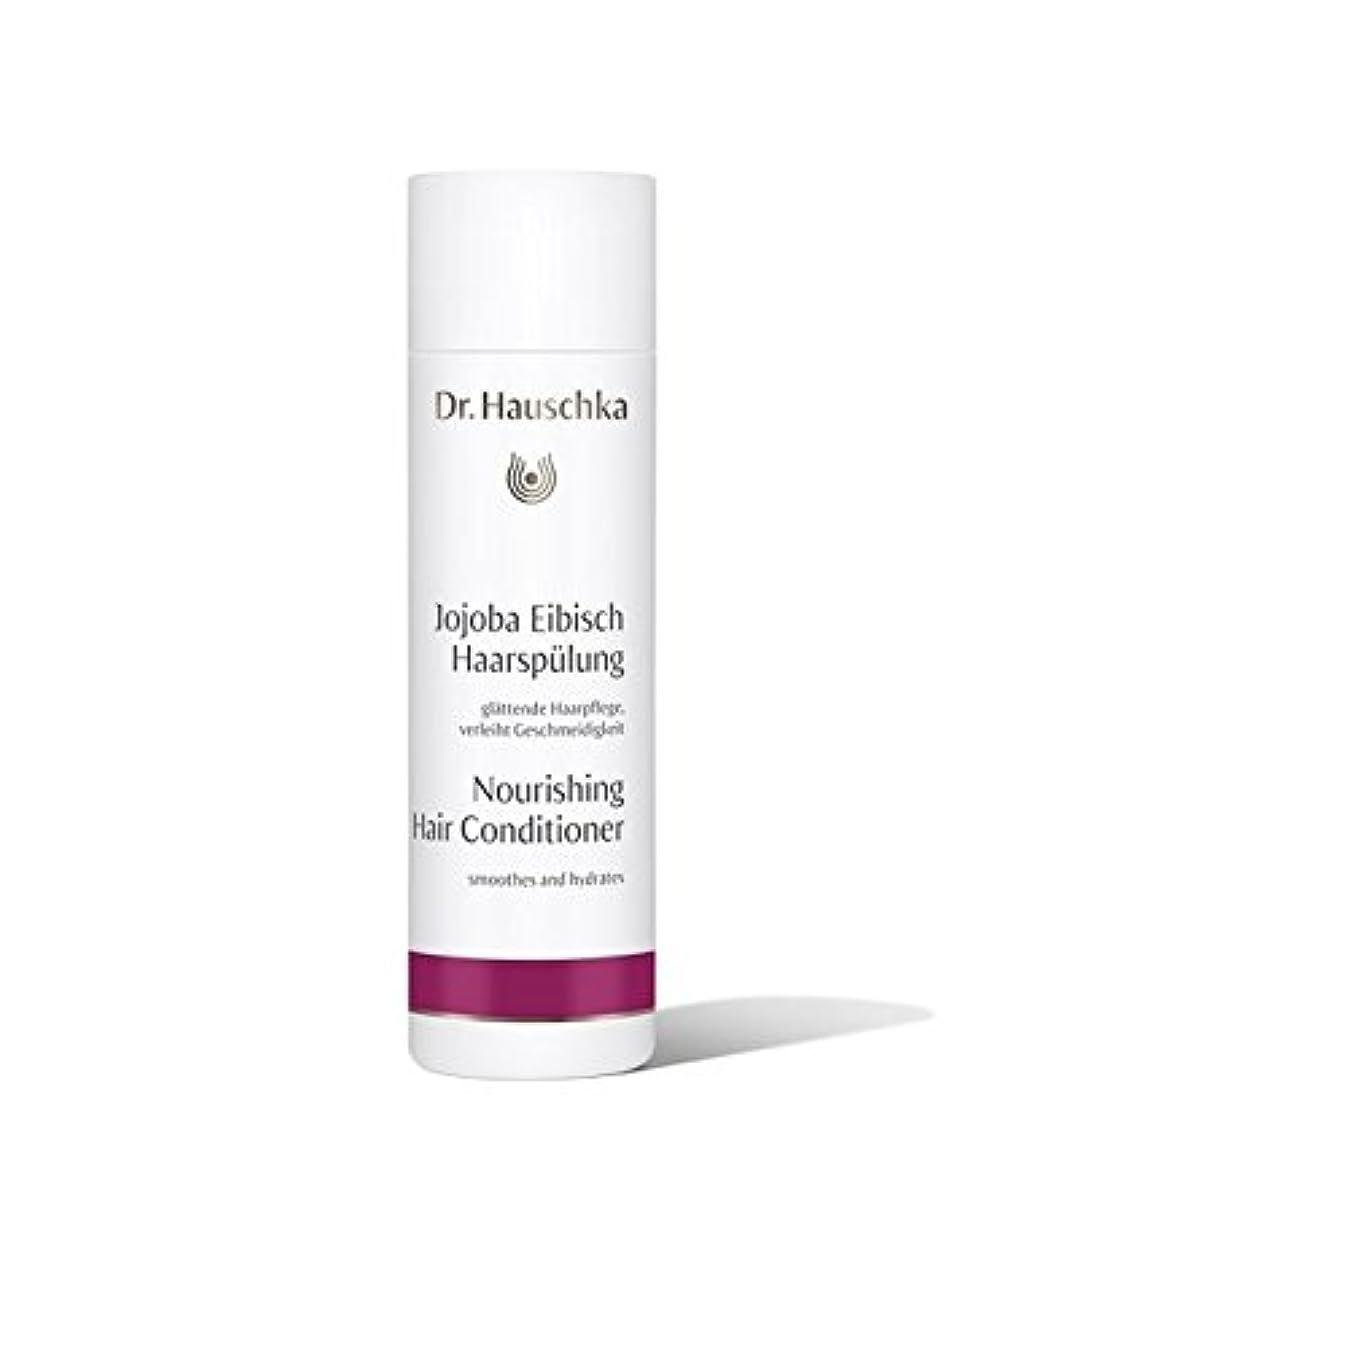 精算レーストラクターDr. Hauschka Nourishing Hair Conditioner (200ml) - ハウシュカ栄養ヘアコンディショナー(200ミリリットル) [並行輸入品]